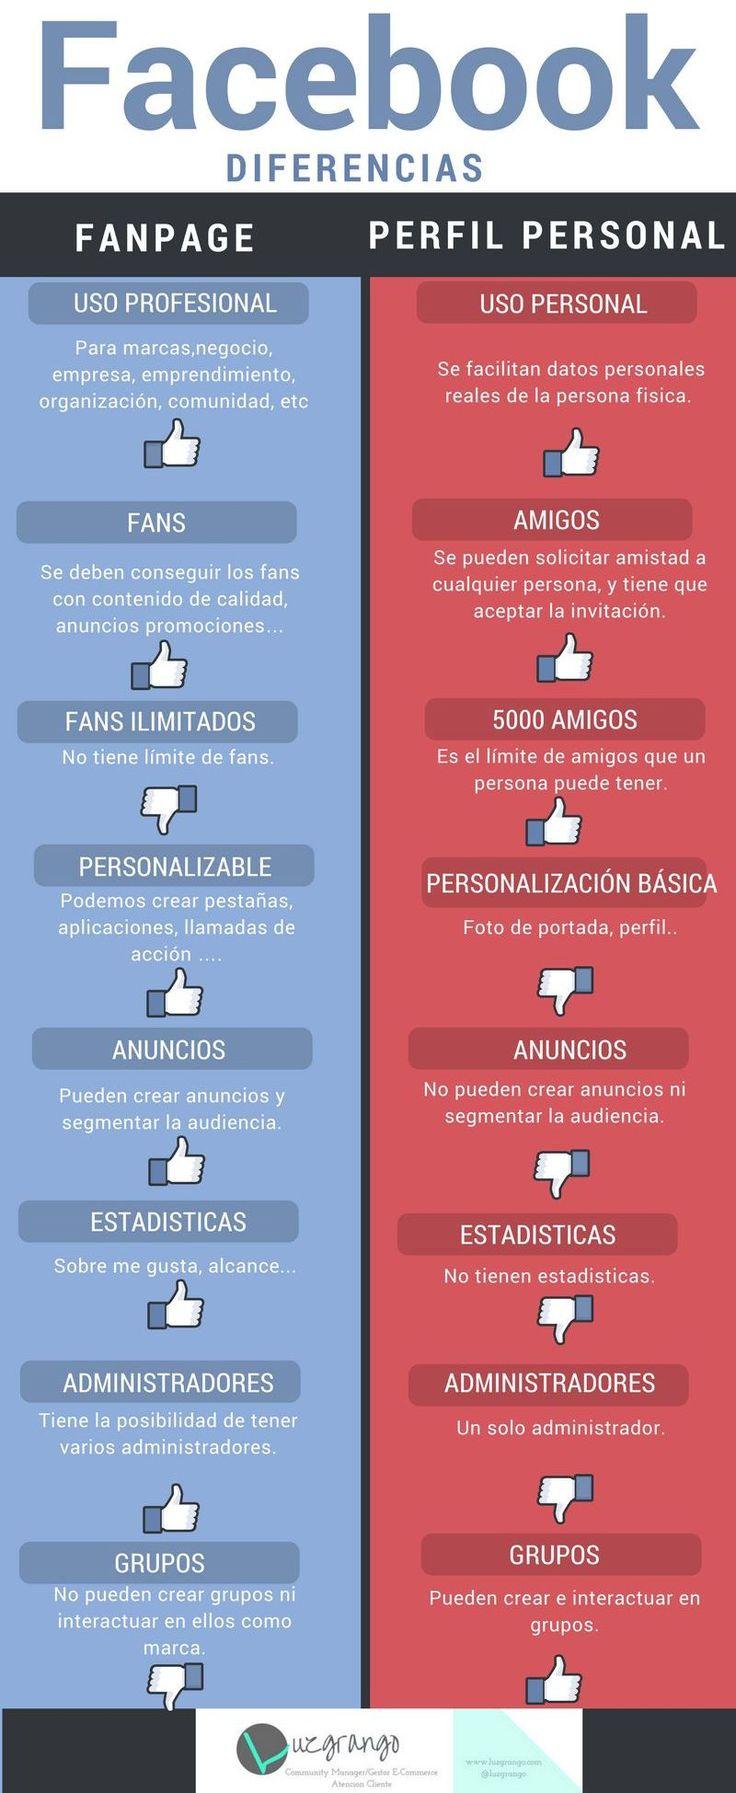 Diferencias entre Página y Perfil en Facebook - Infografía